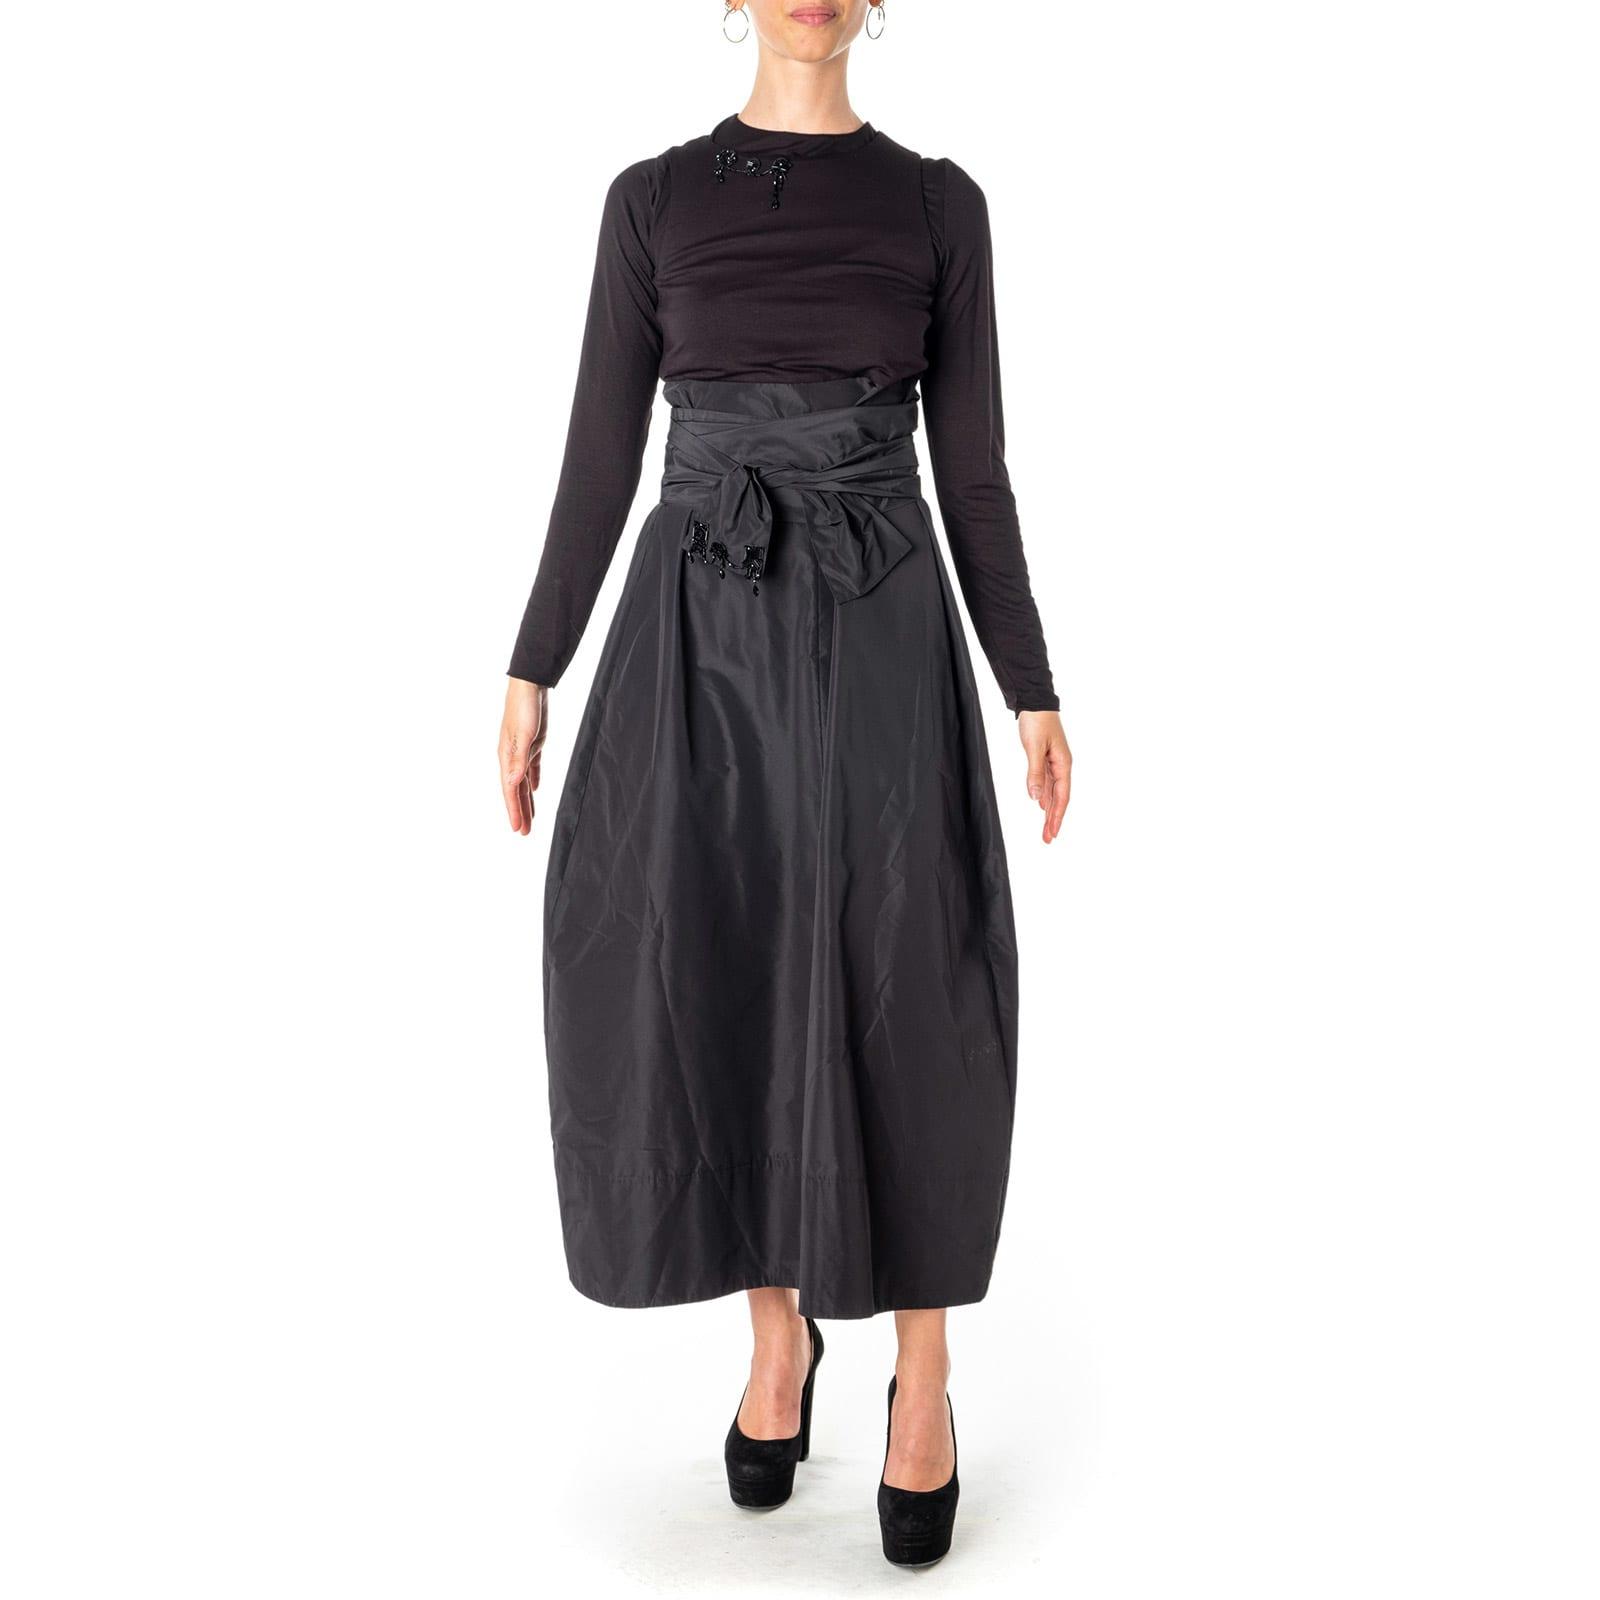 S Max Mara L Dress